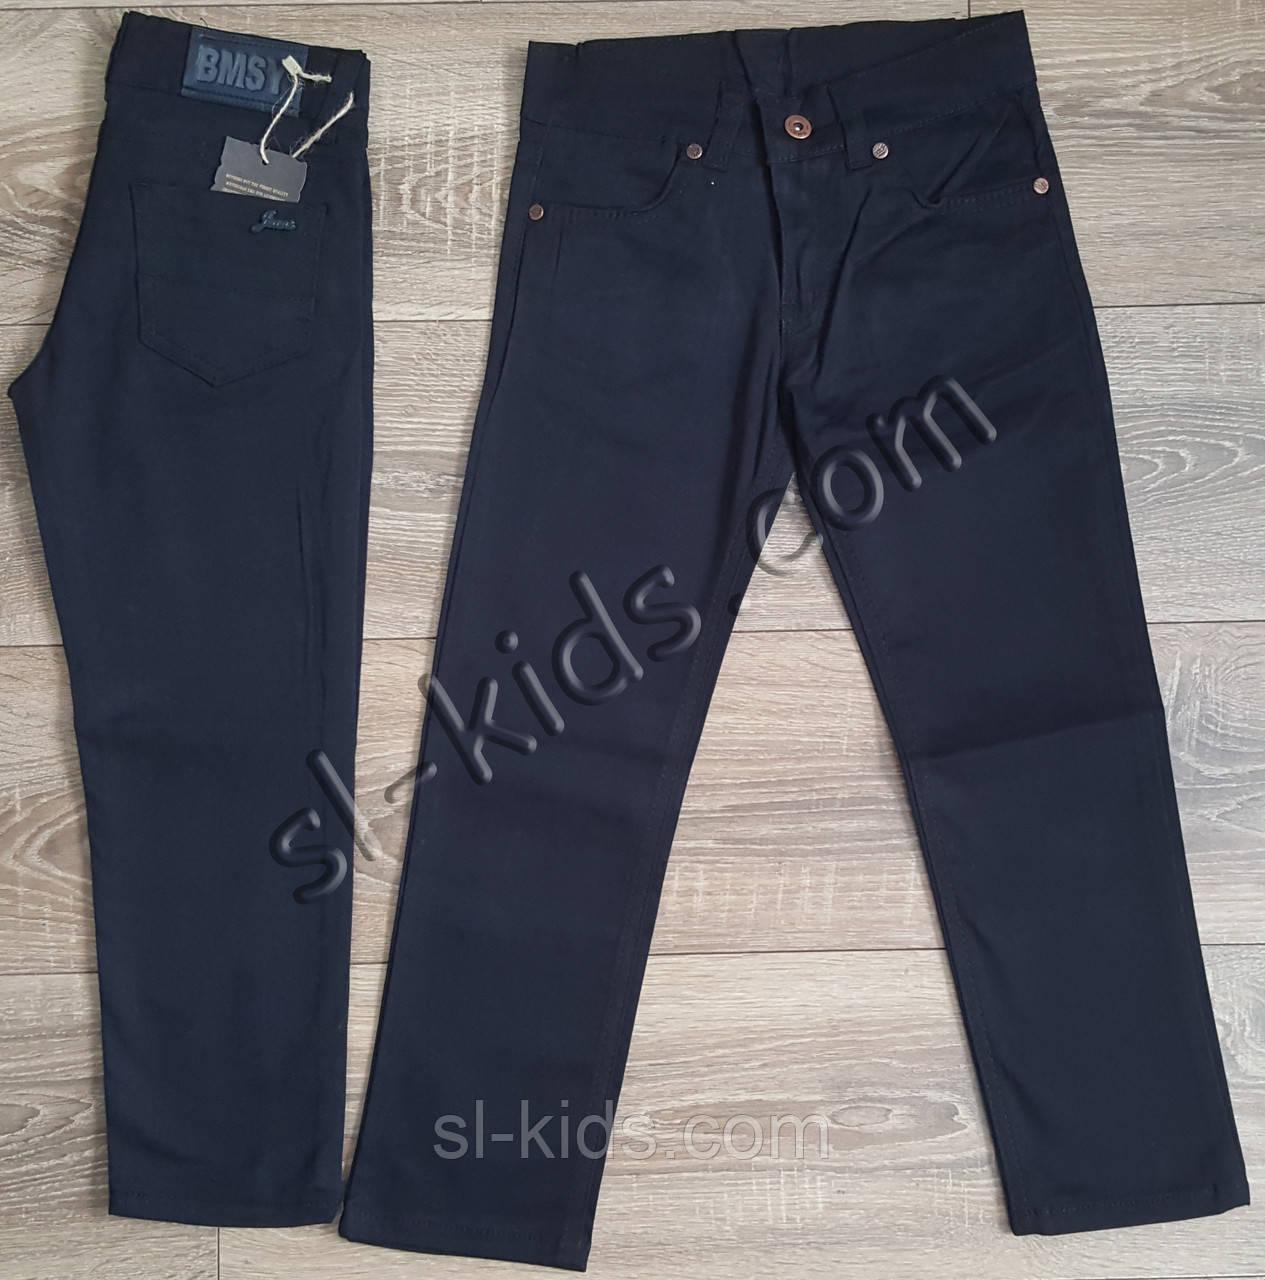 Яскраві штани для хлопчика 7-11 років(роздр) (темно сині) пр. Туреччина